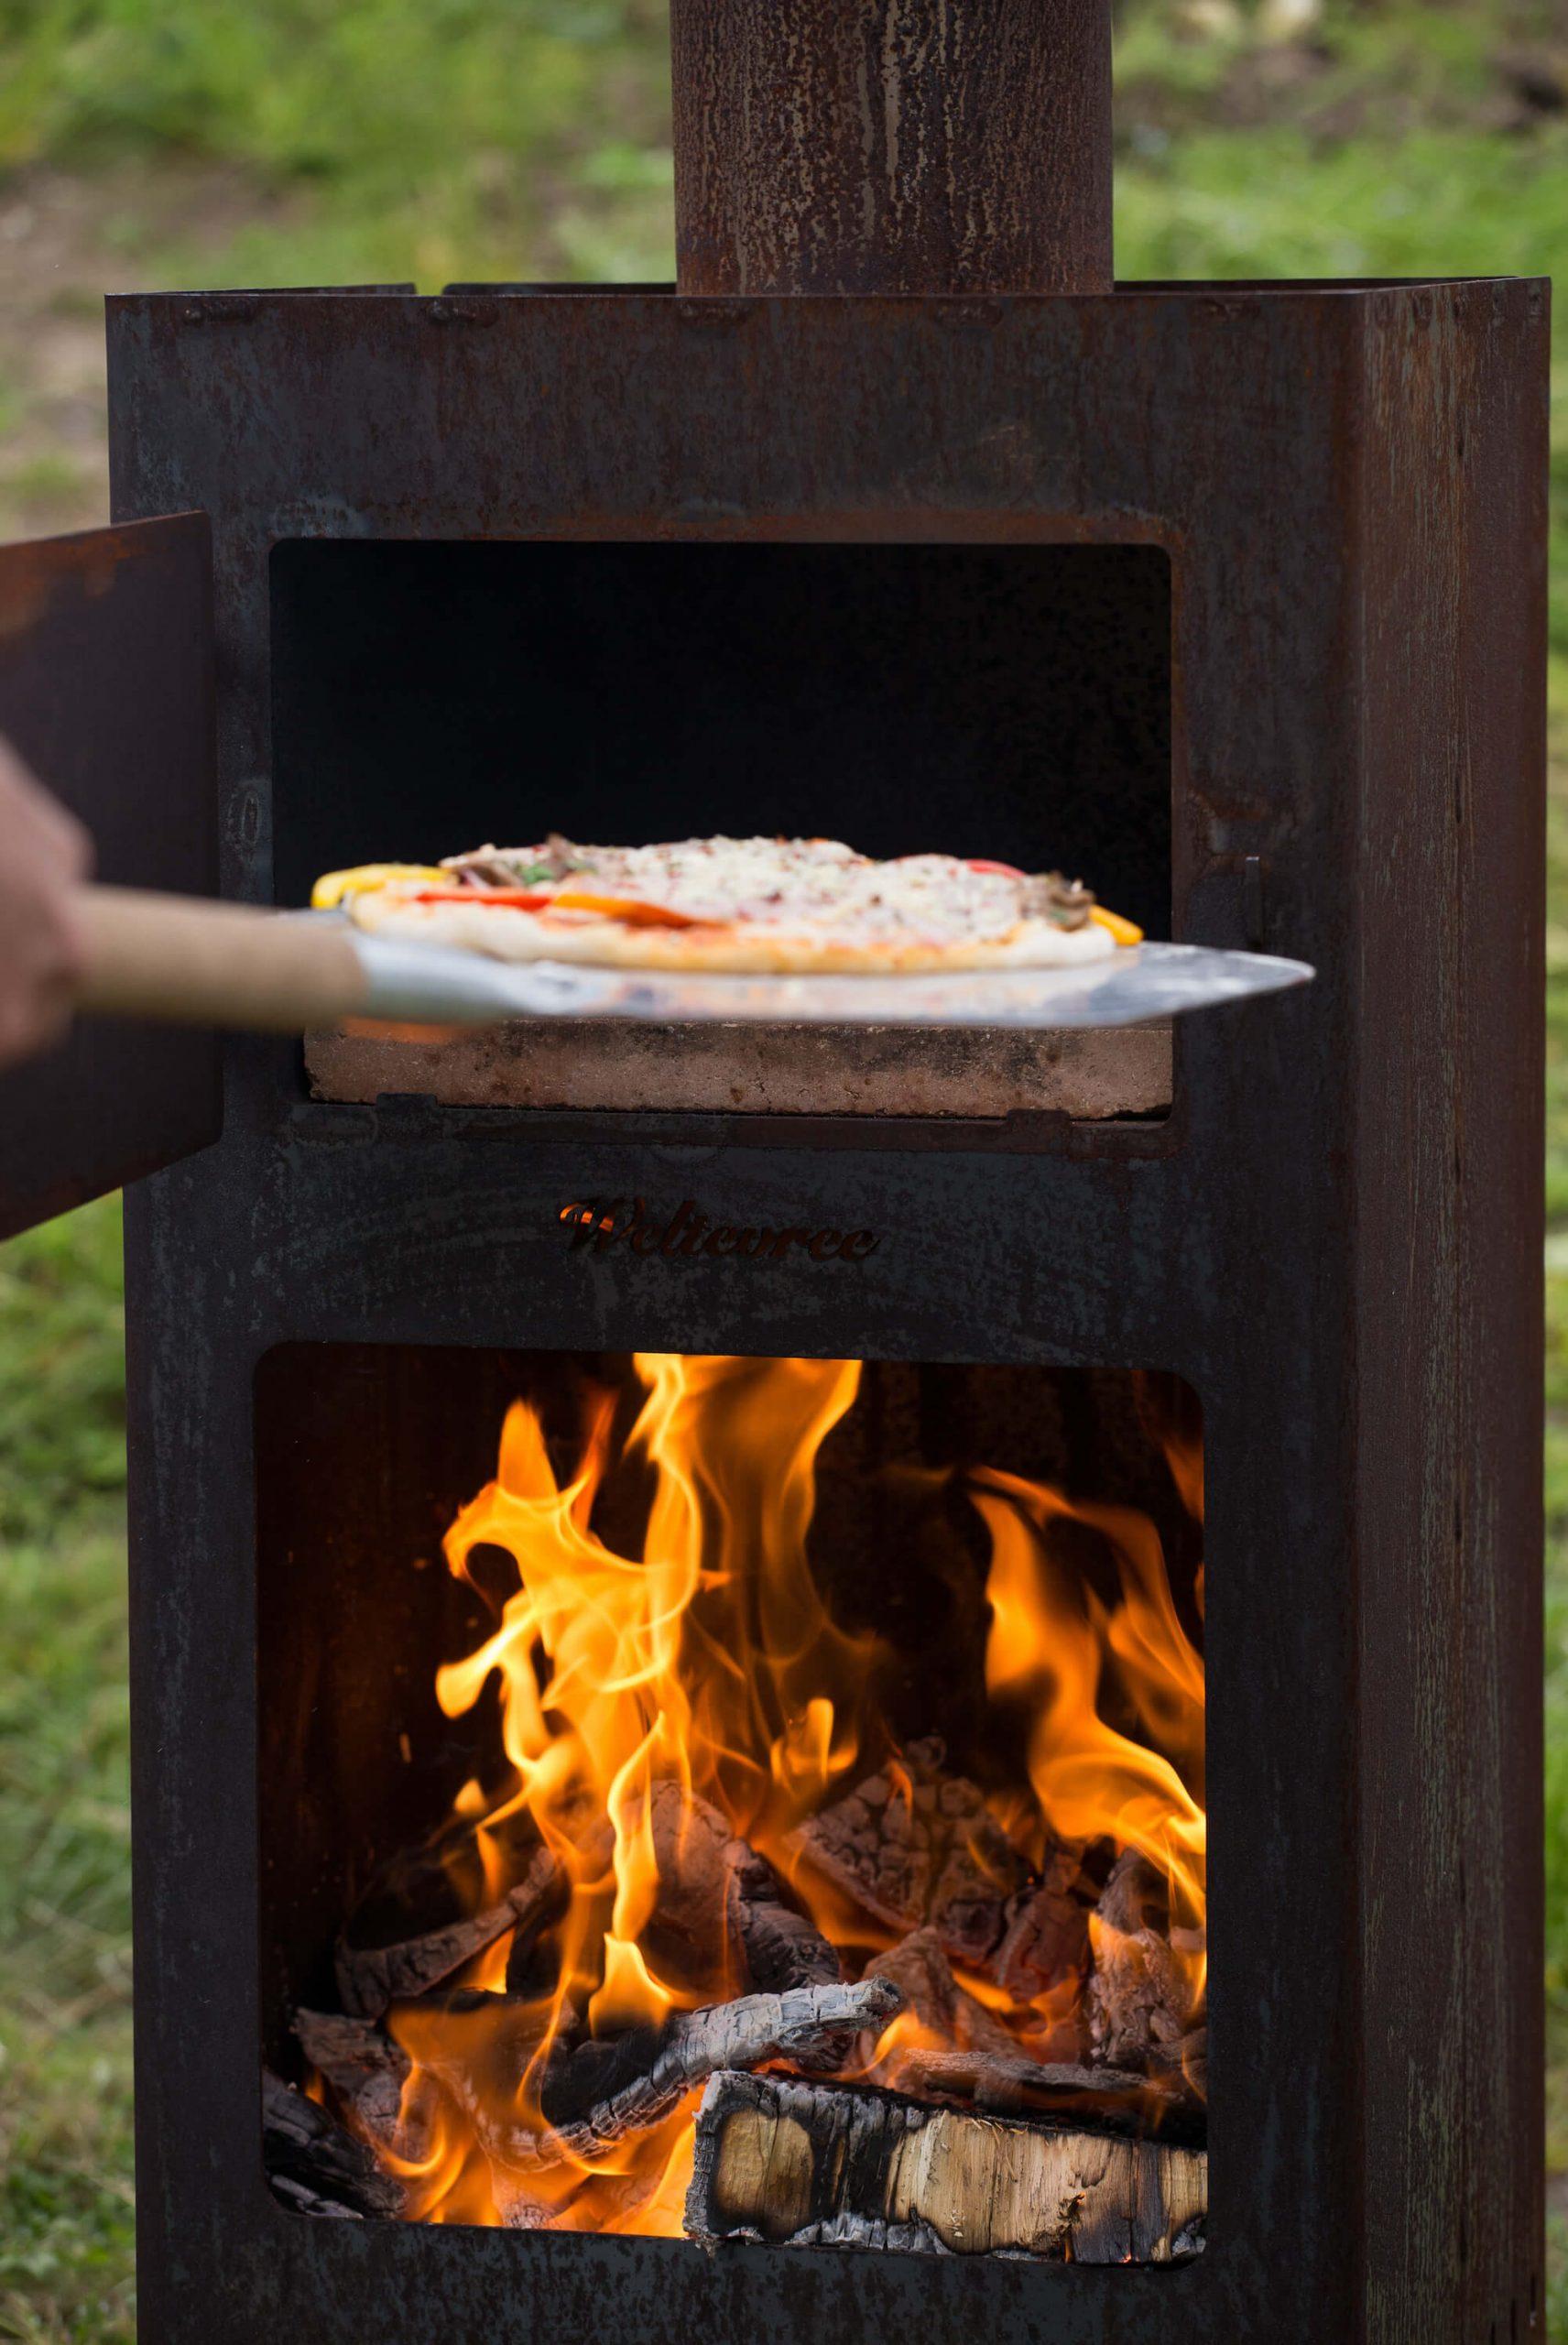 Pizza oven Weltevree